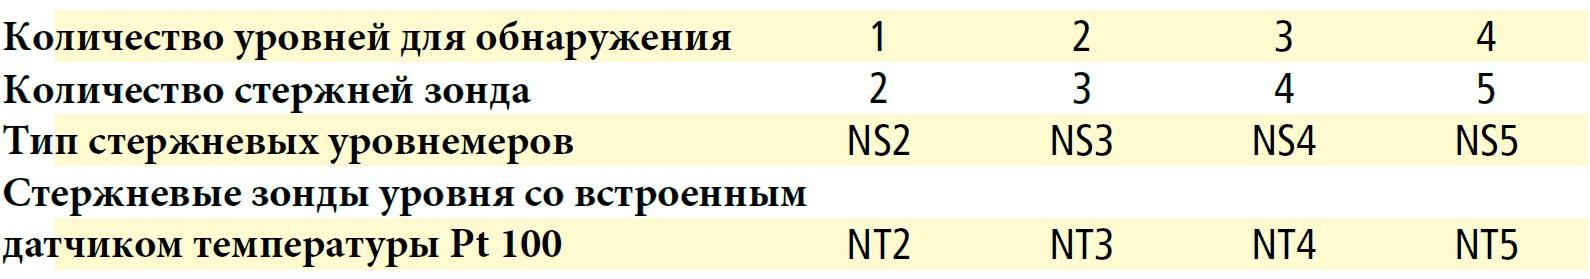 Количество зондов